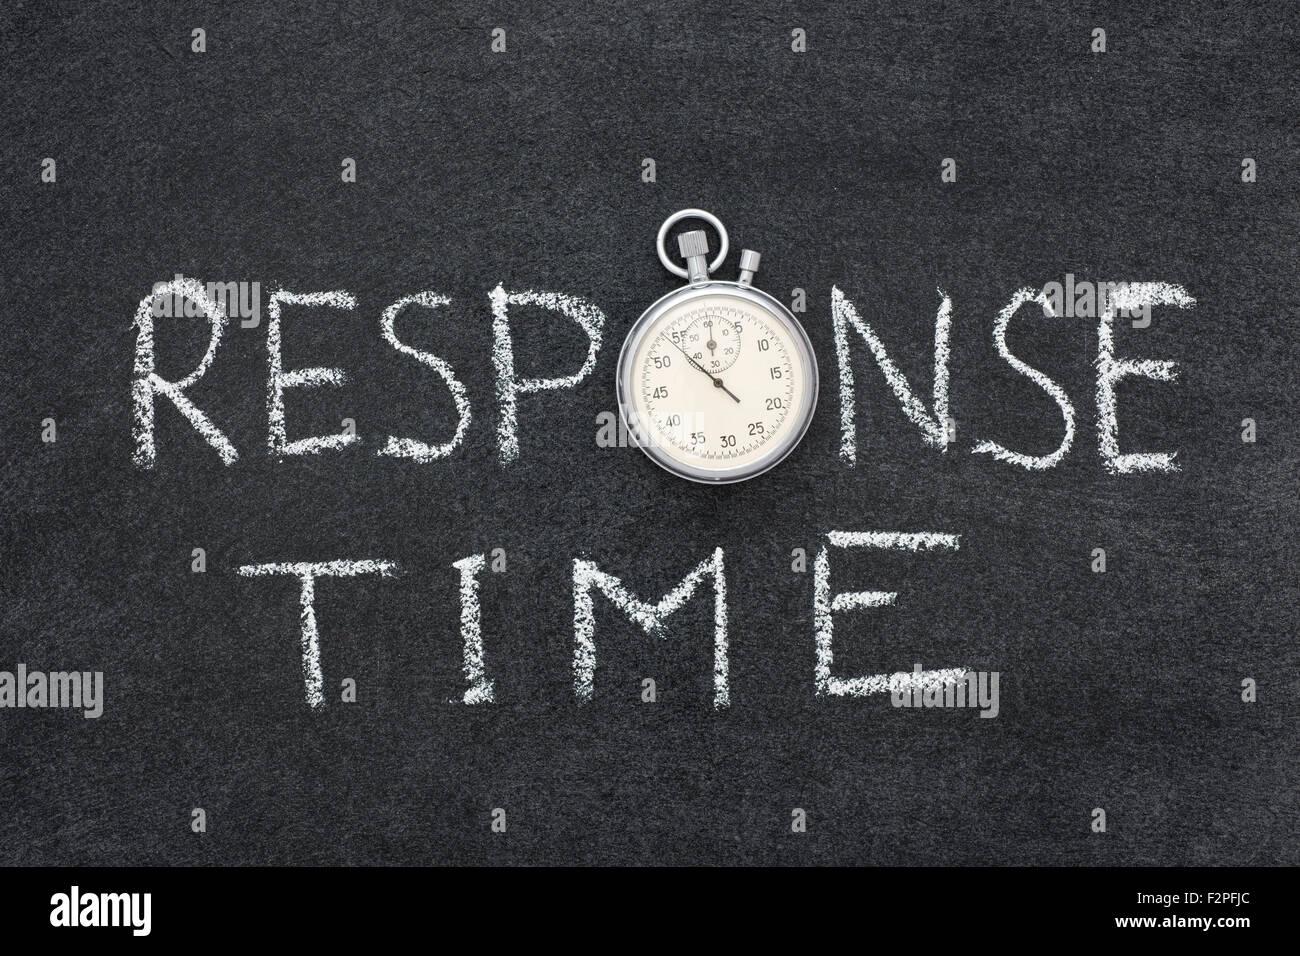 Reaktion Zeit Ausdruck handschriftlich auf Tafel mit Vintage präzise Stoppuhr verwendet anstelle von O Stockbild